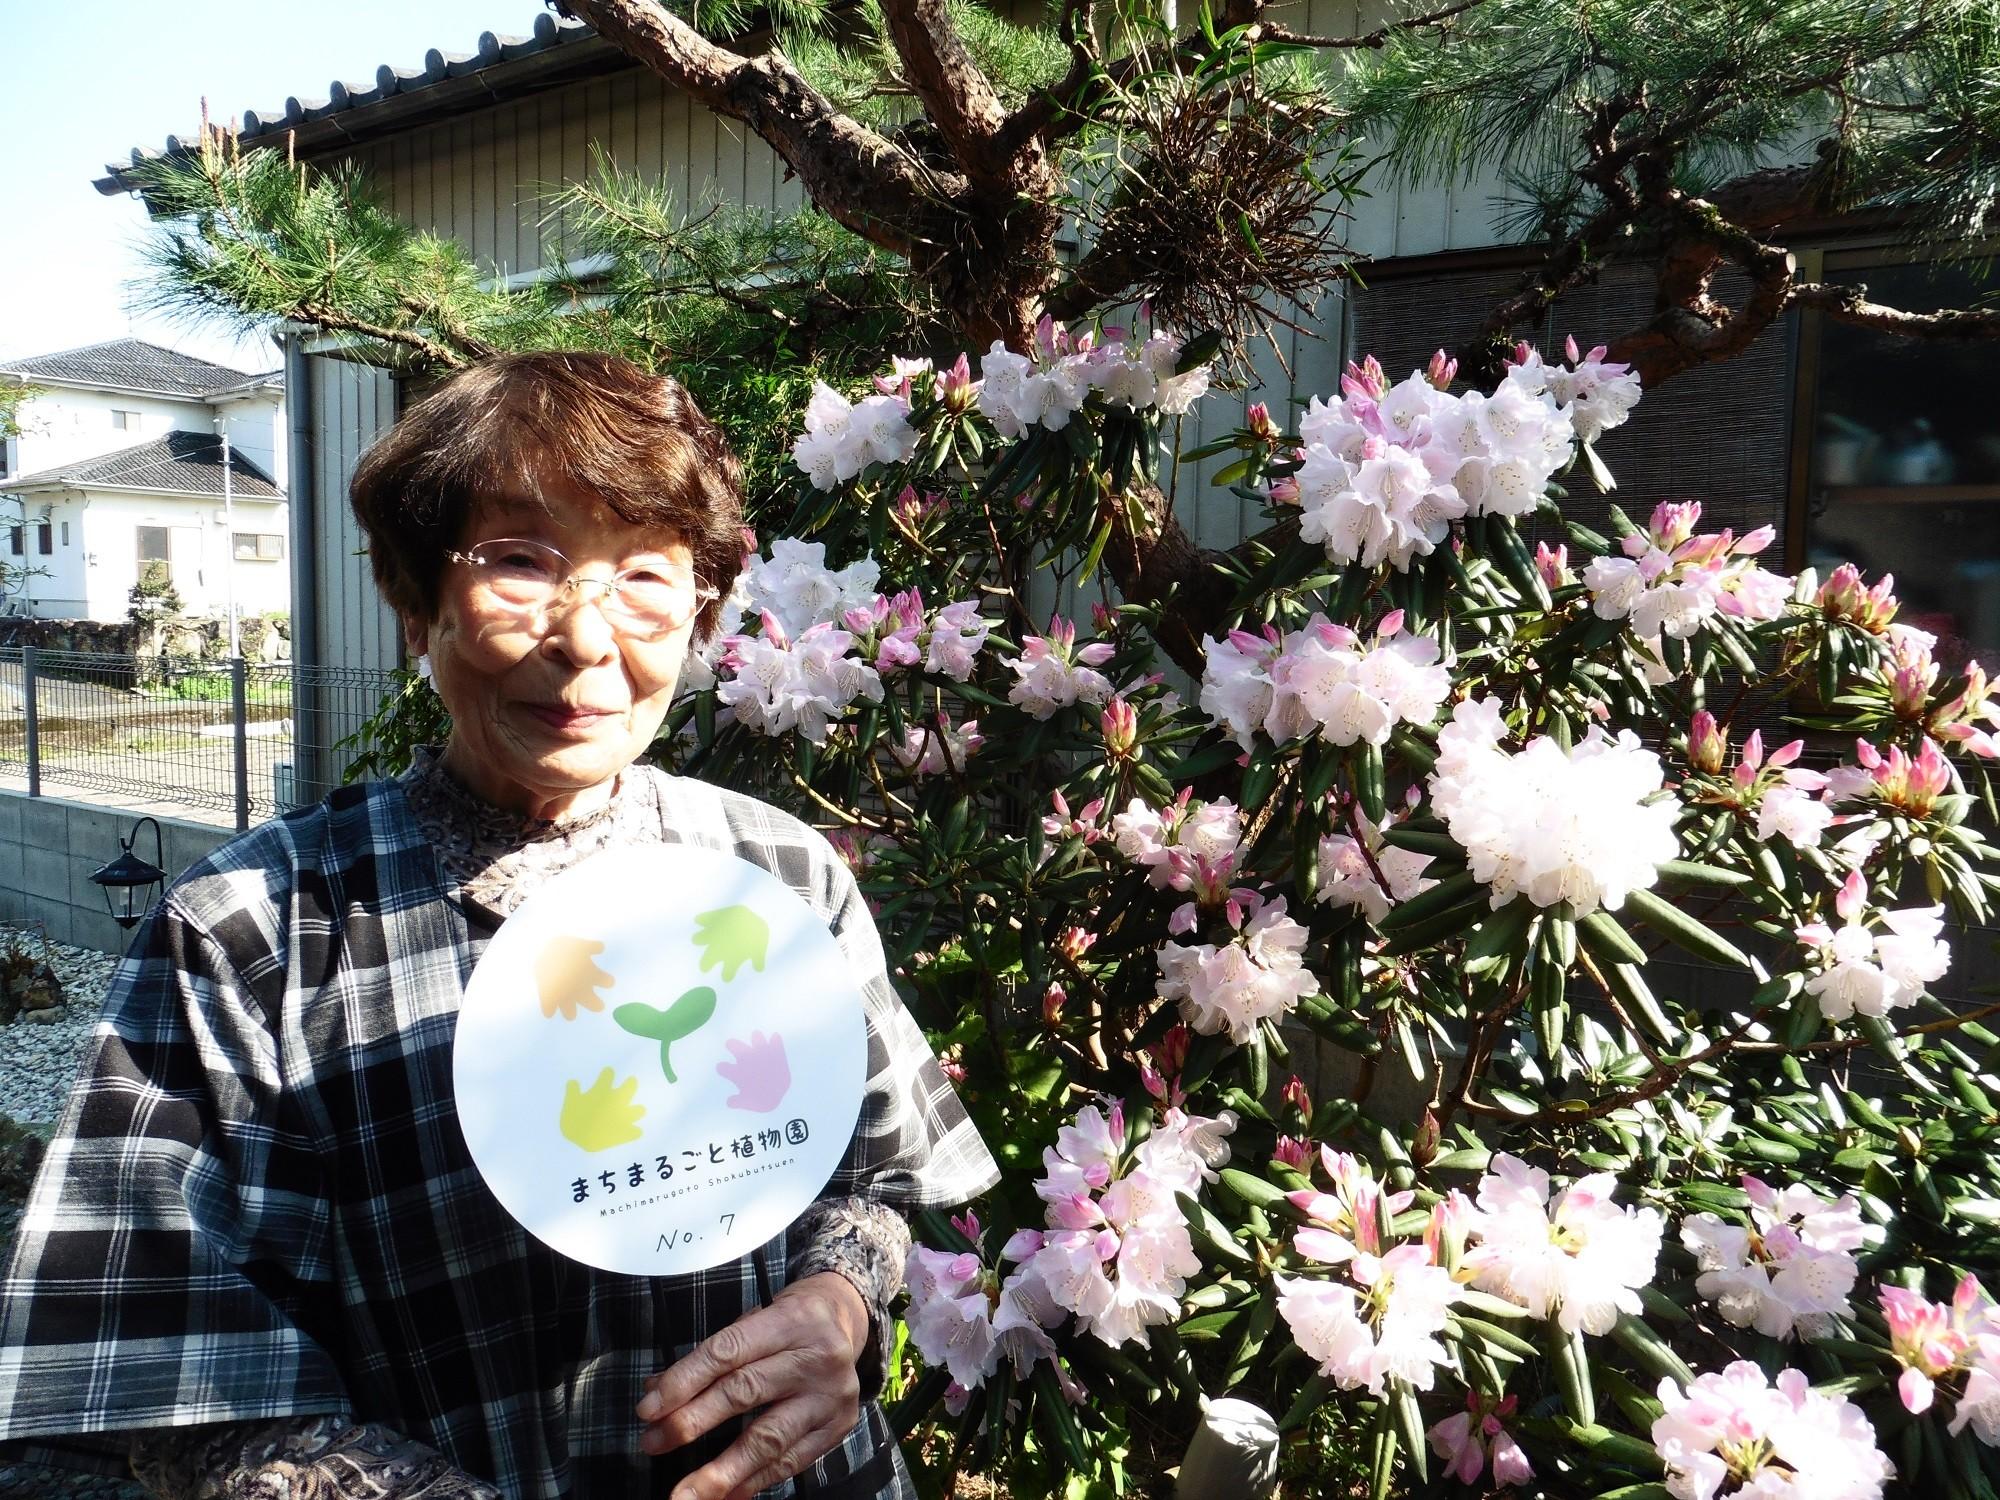 政岡幸恵さんのお庭